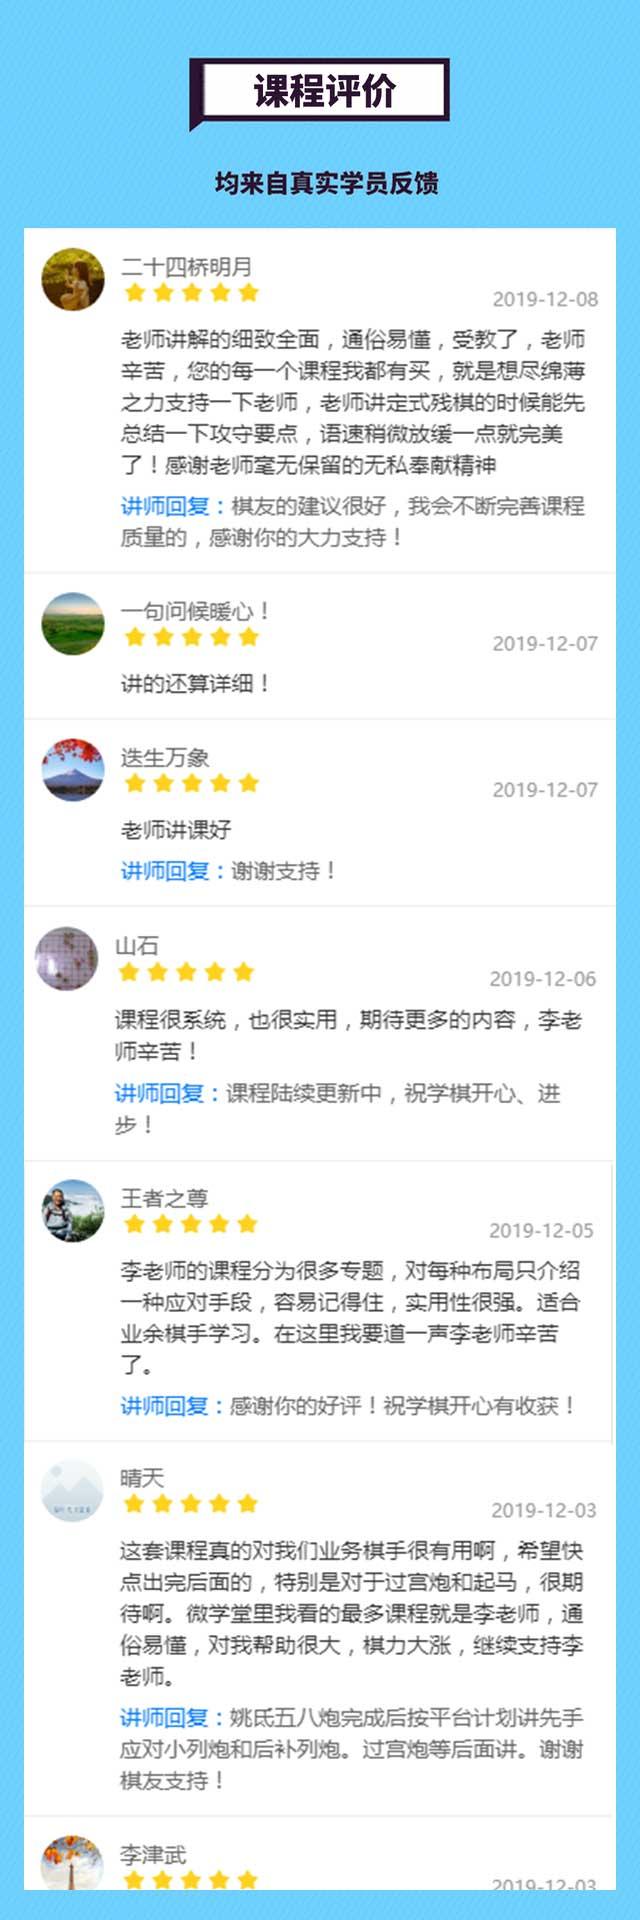 9课程评价---李晓成-先后手开局系列讲座.jpg